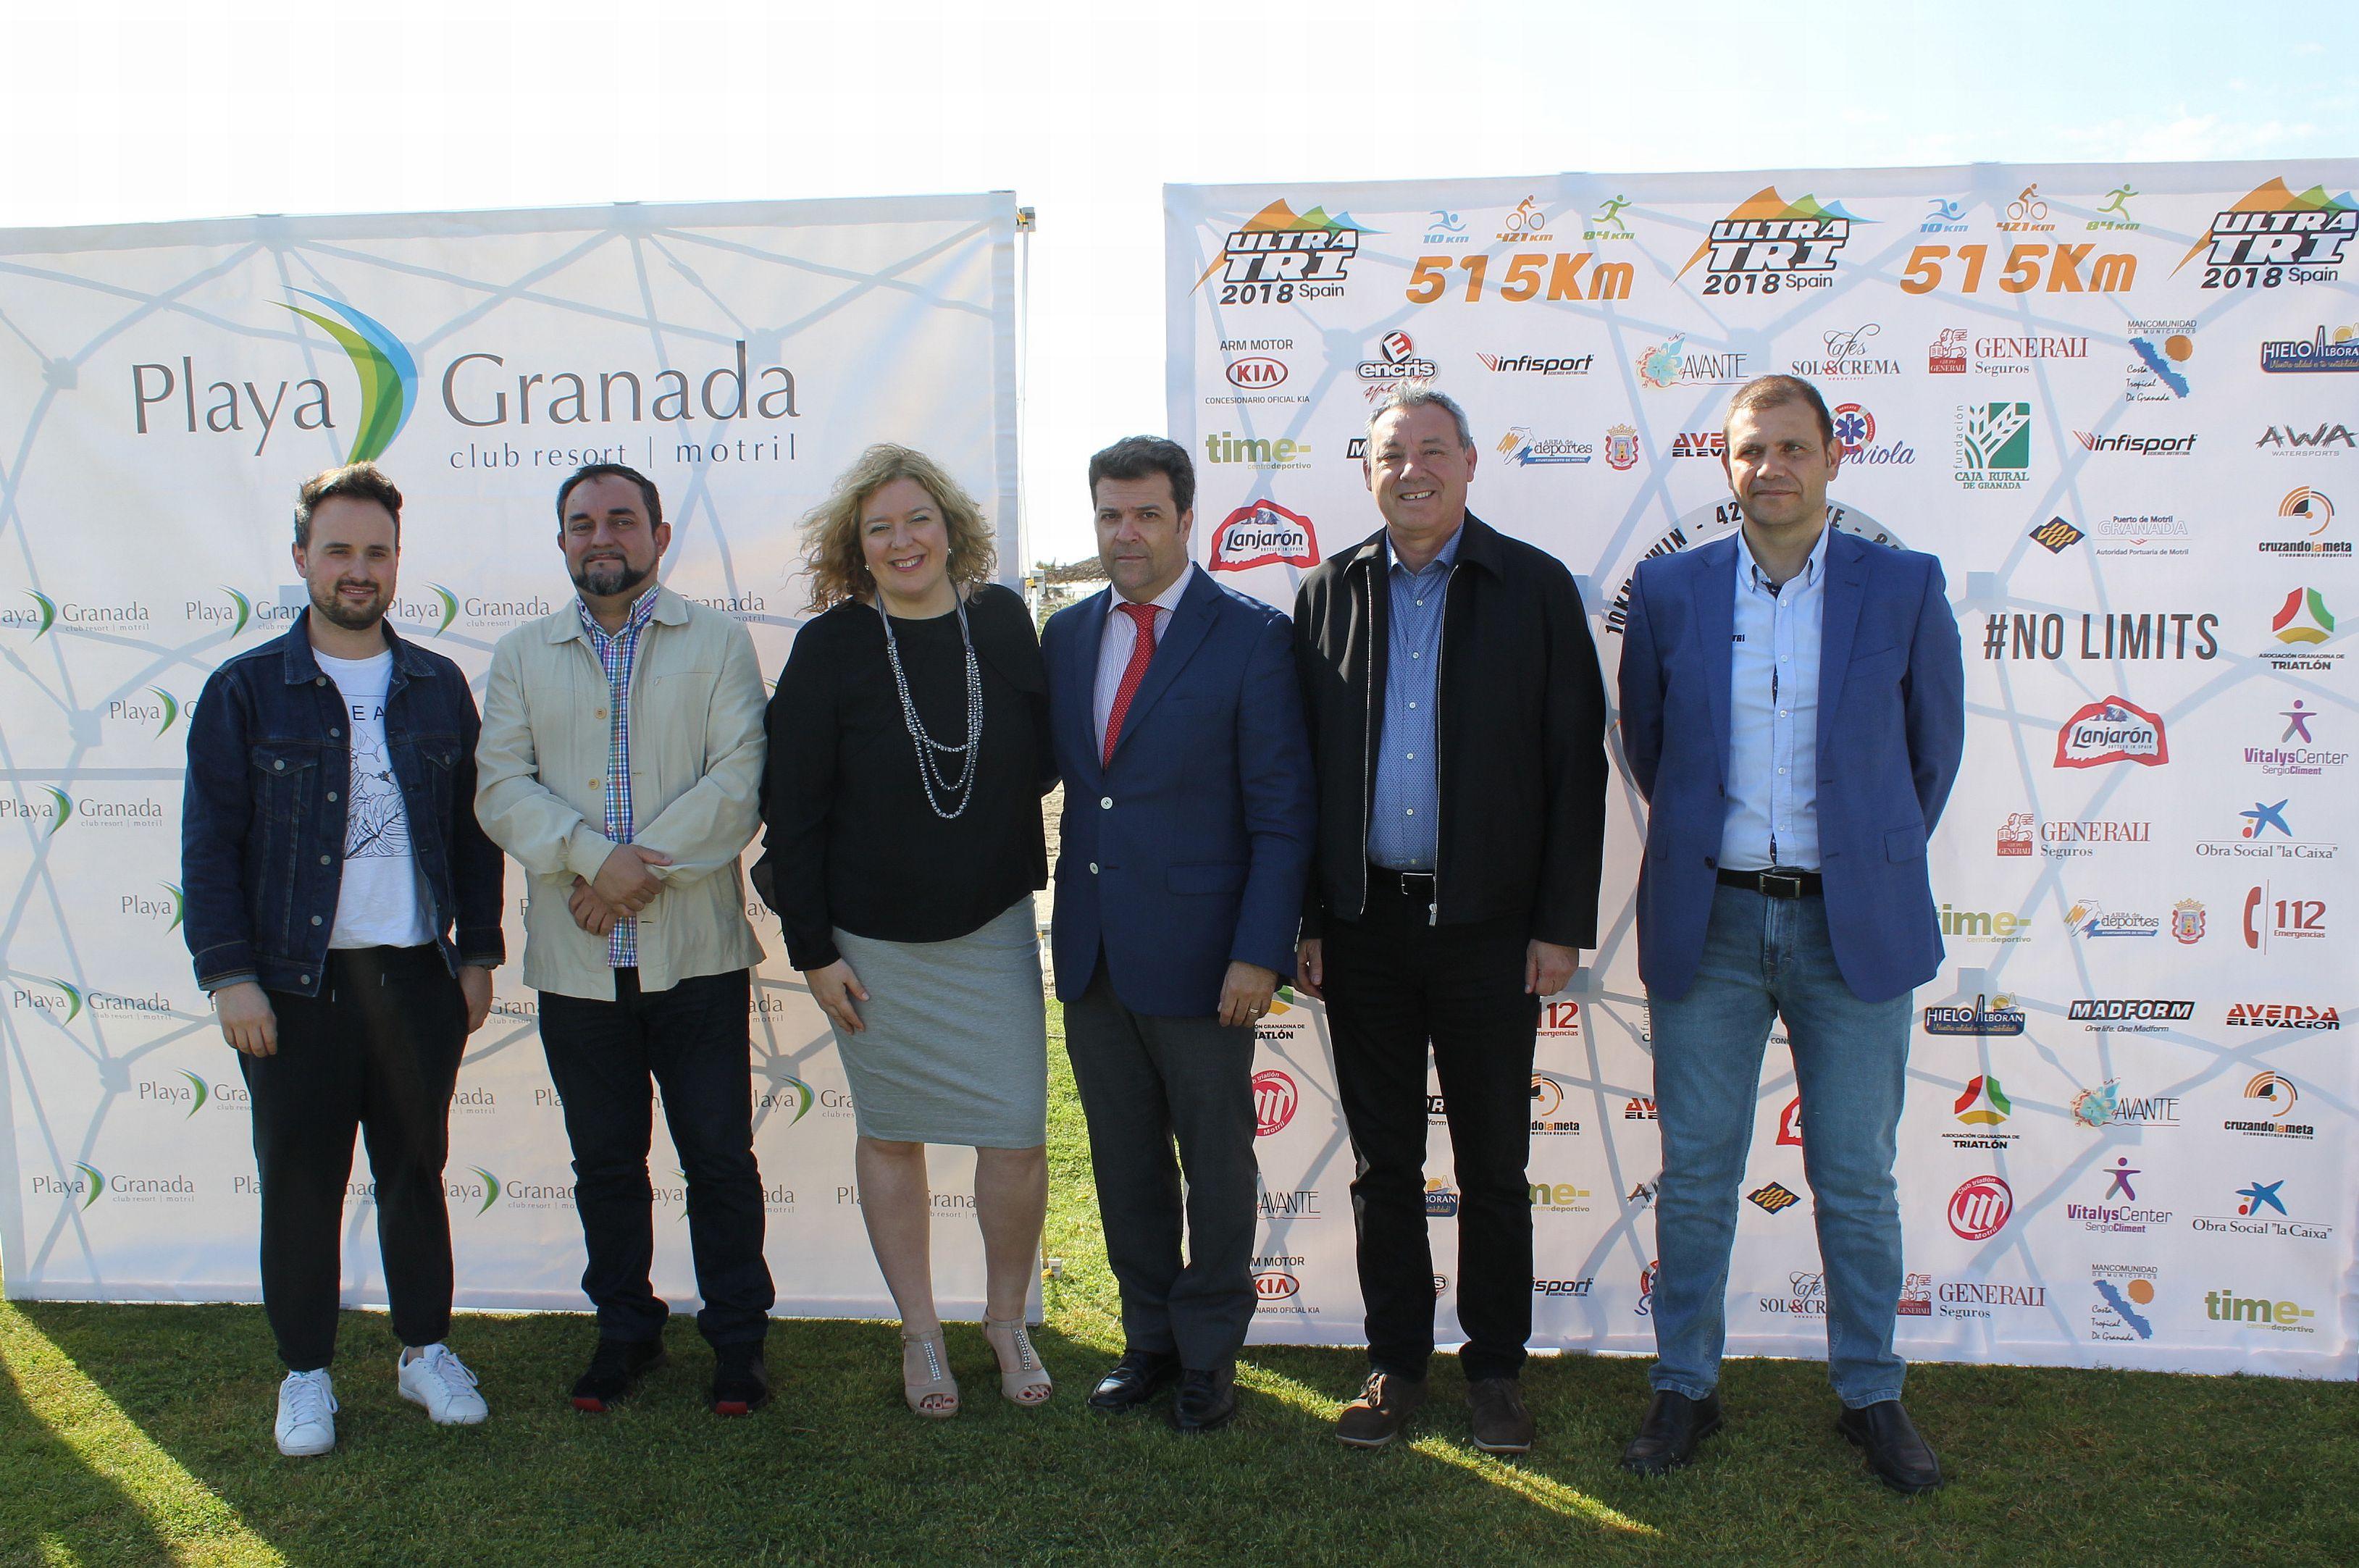 Presentación del Ultra Tri Spain en Motril (Foto: El Faro)